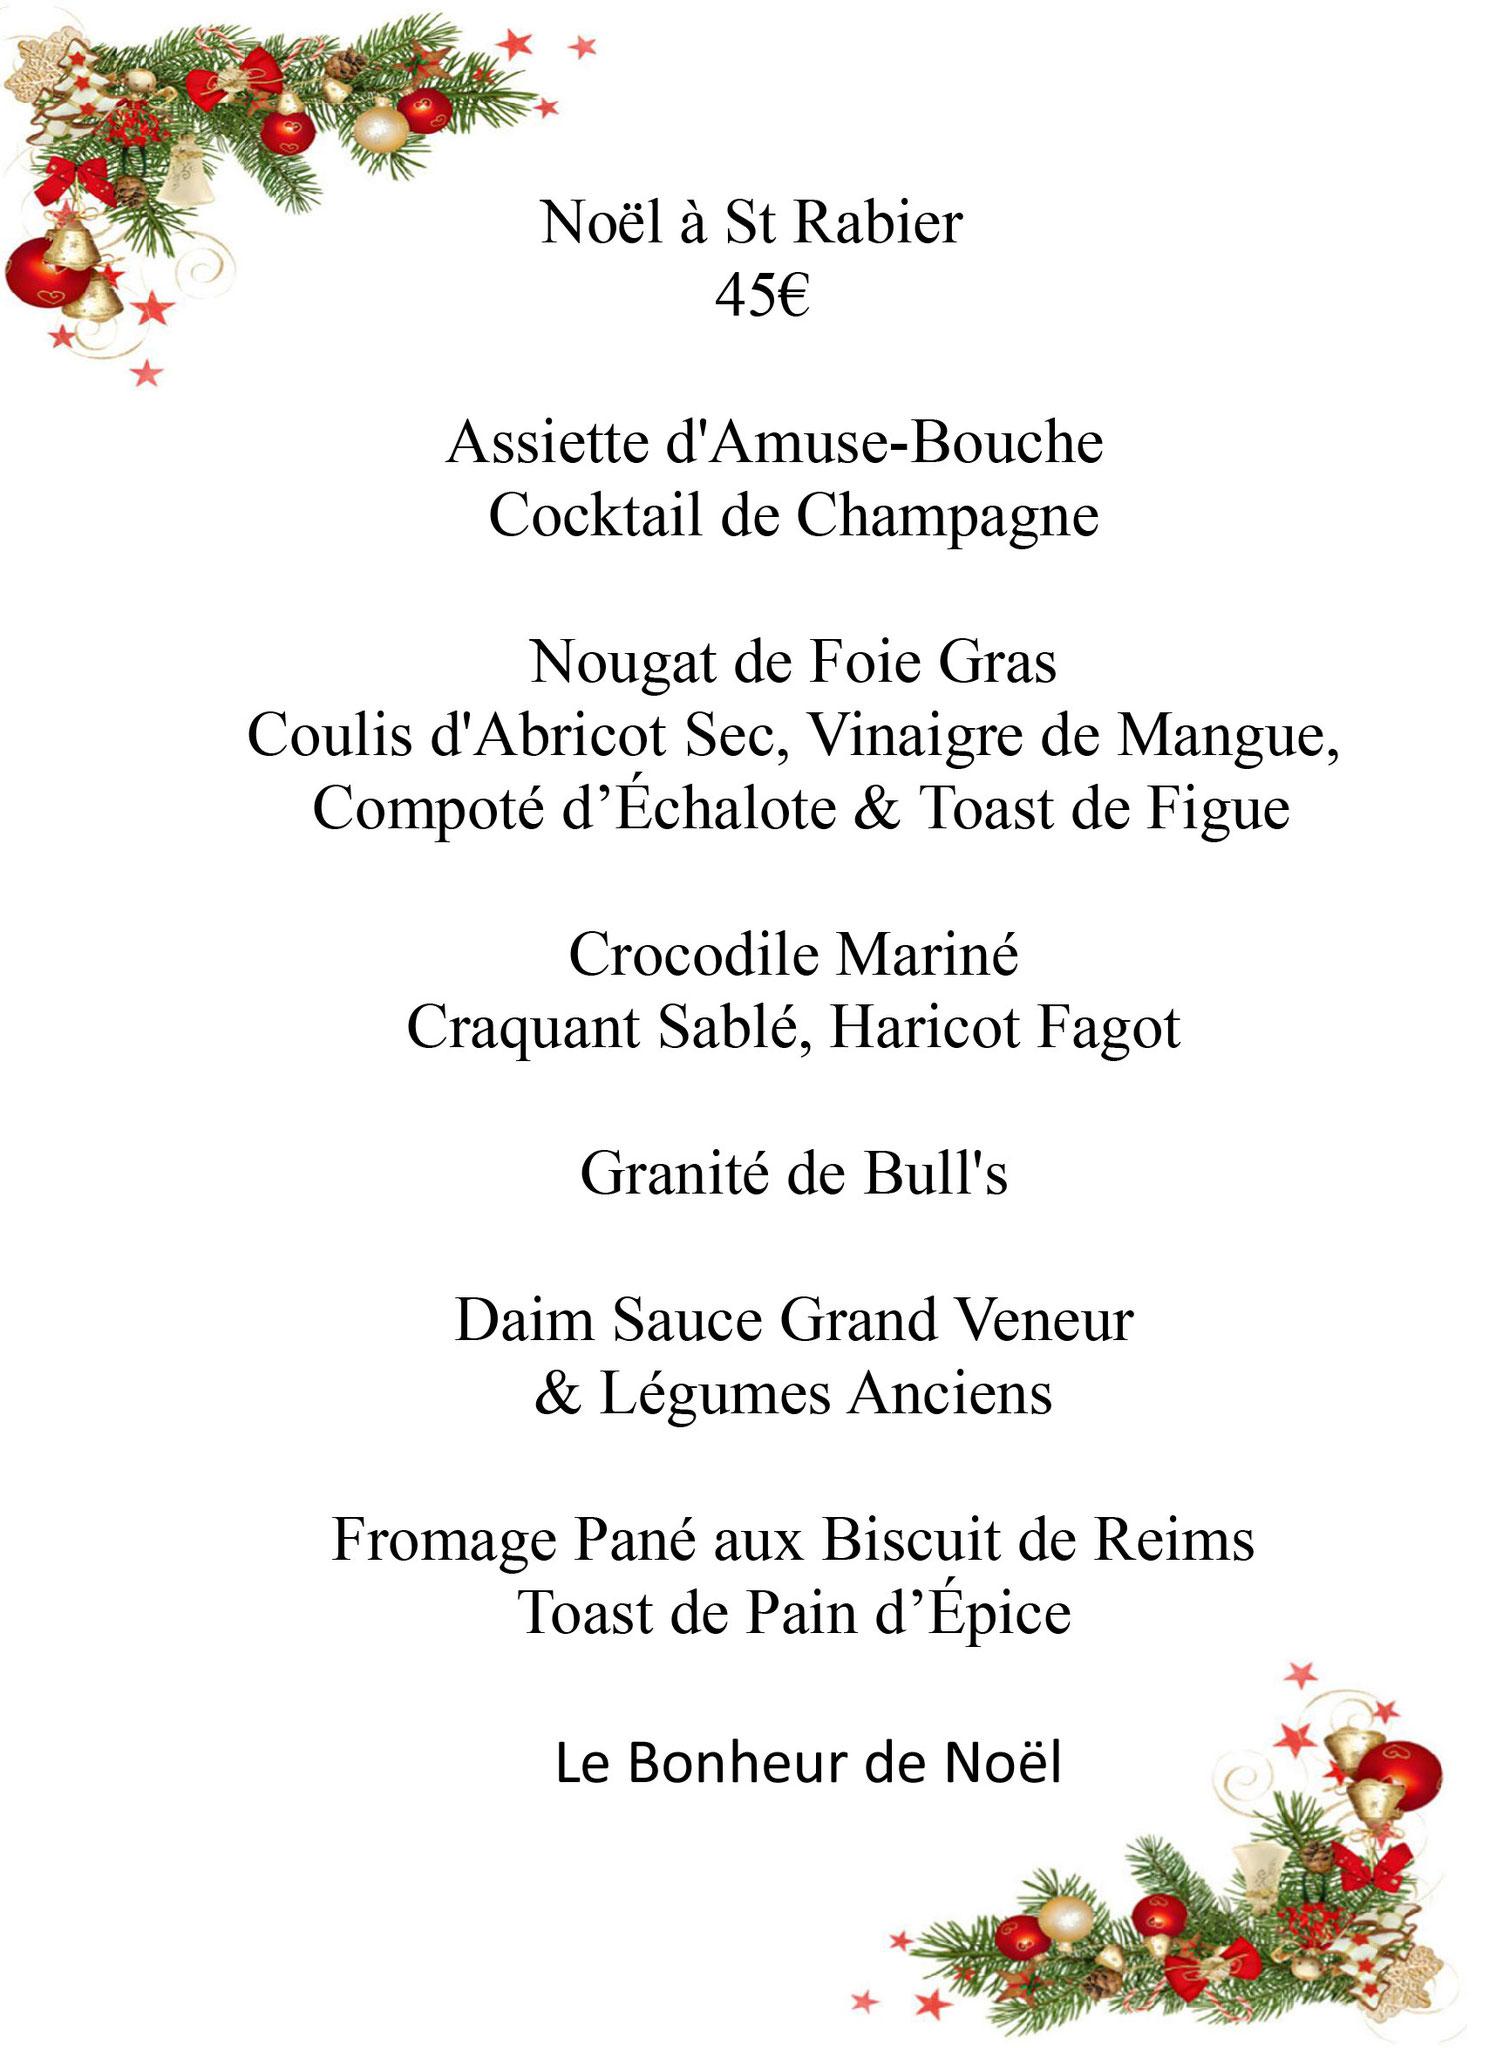 Menu De Noel Grand Chef.C Est Arrive Pres De Chez Vous Mairie De Saint Rabier